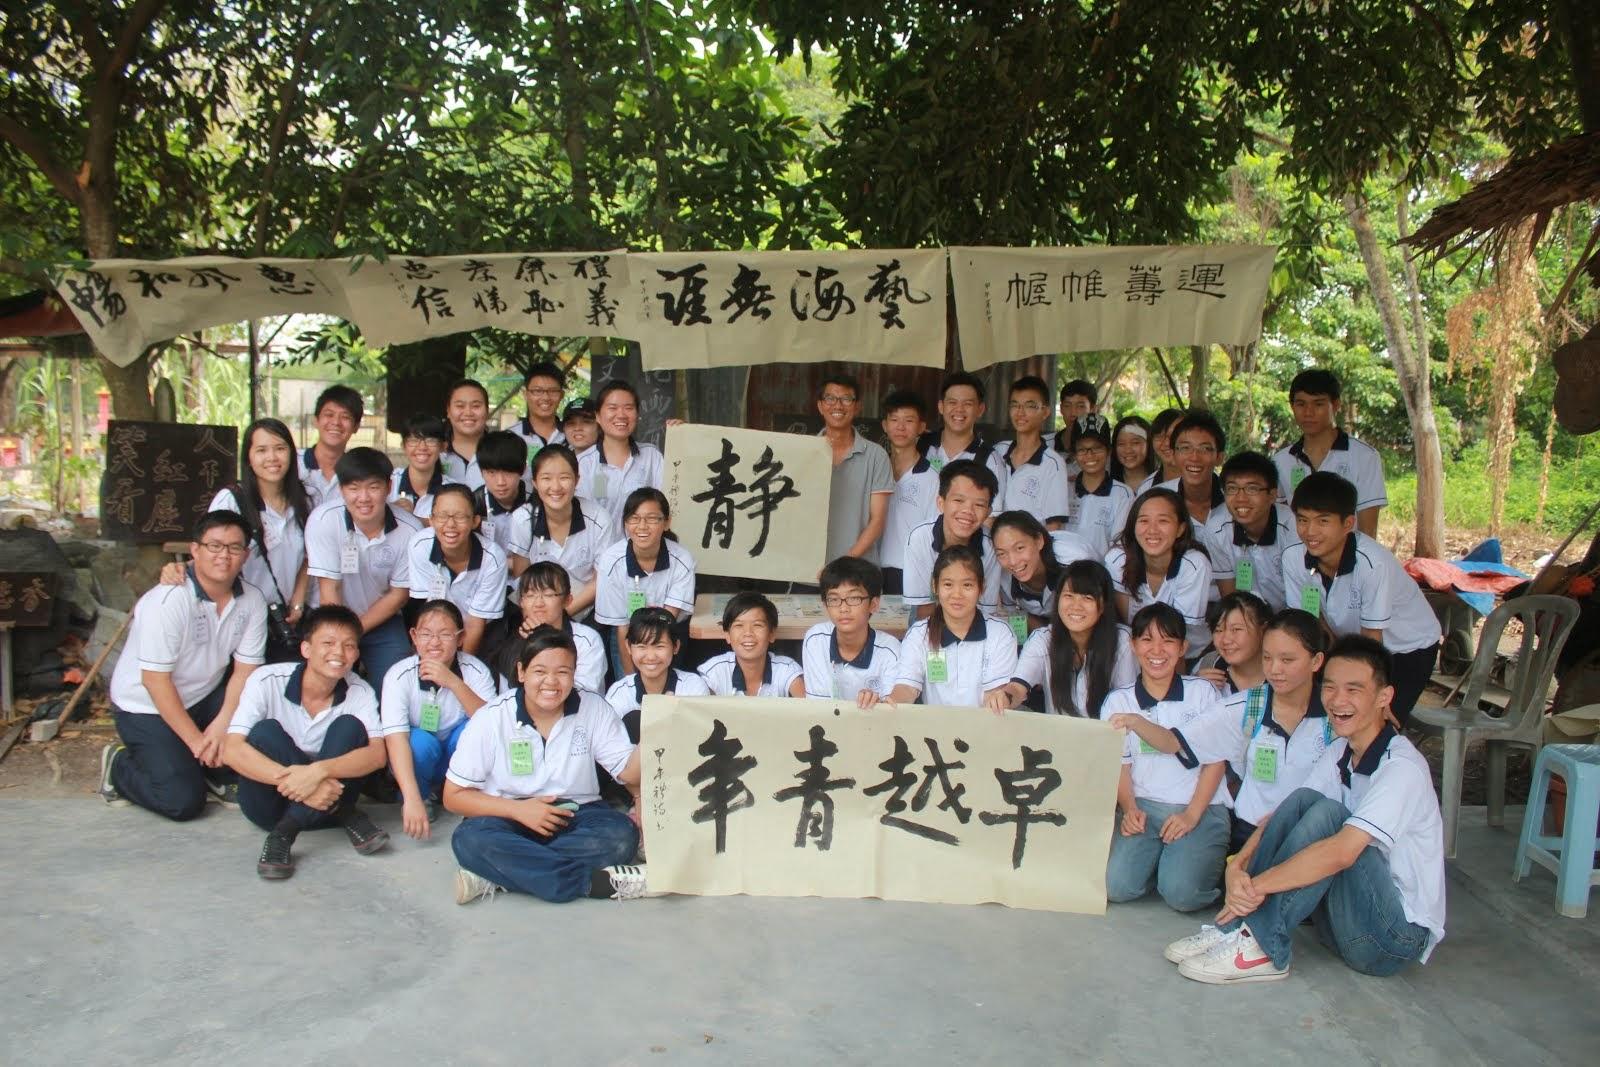 卓越青年参与文化之旅 7月/2014